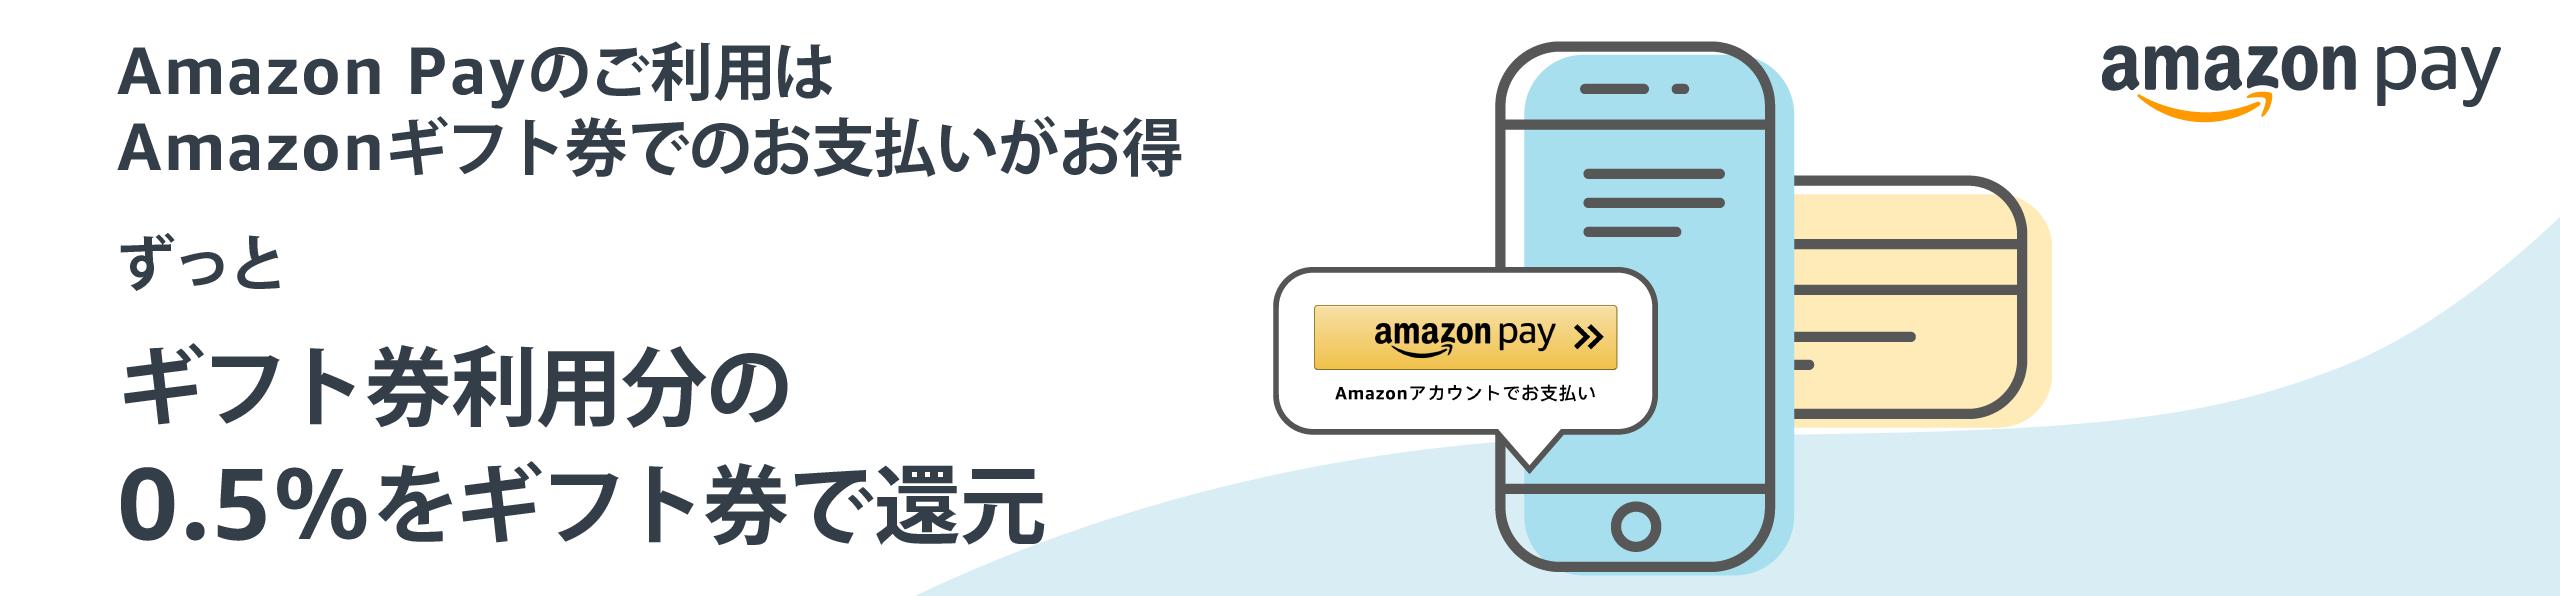 Amazon Payでアマゾン以外のサイトでアマギフを利用すると、0.5%ギフト券バック。アマギフをふるさと納税で現金化も可能。8/24~。